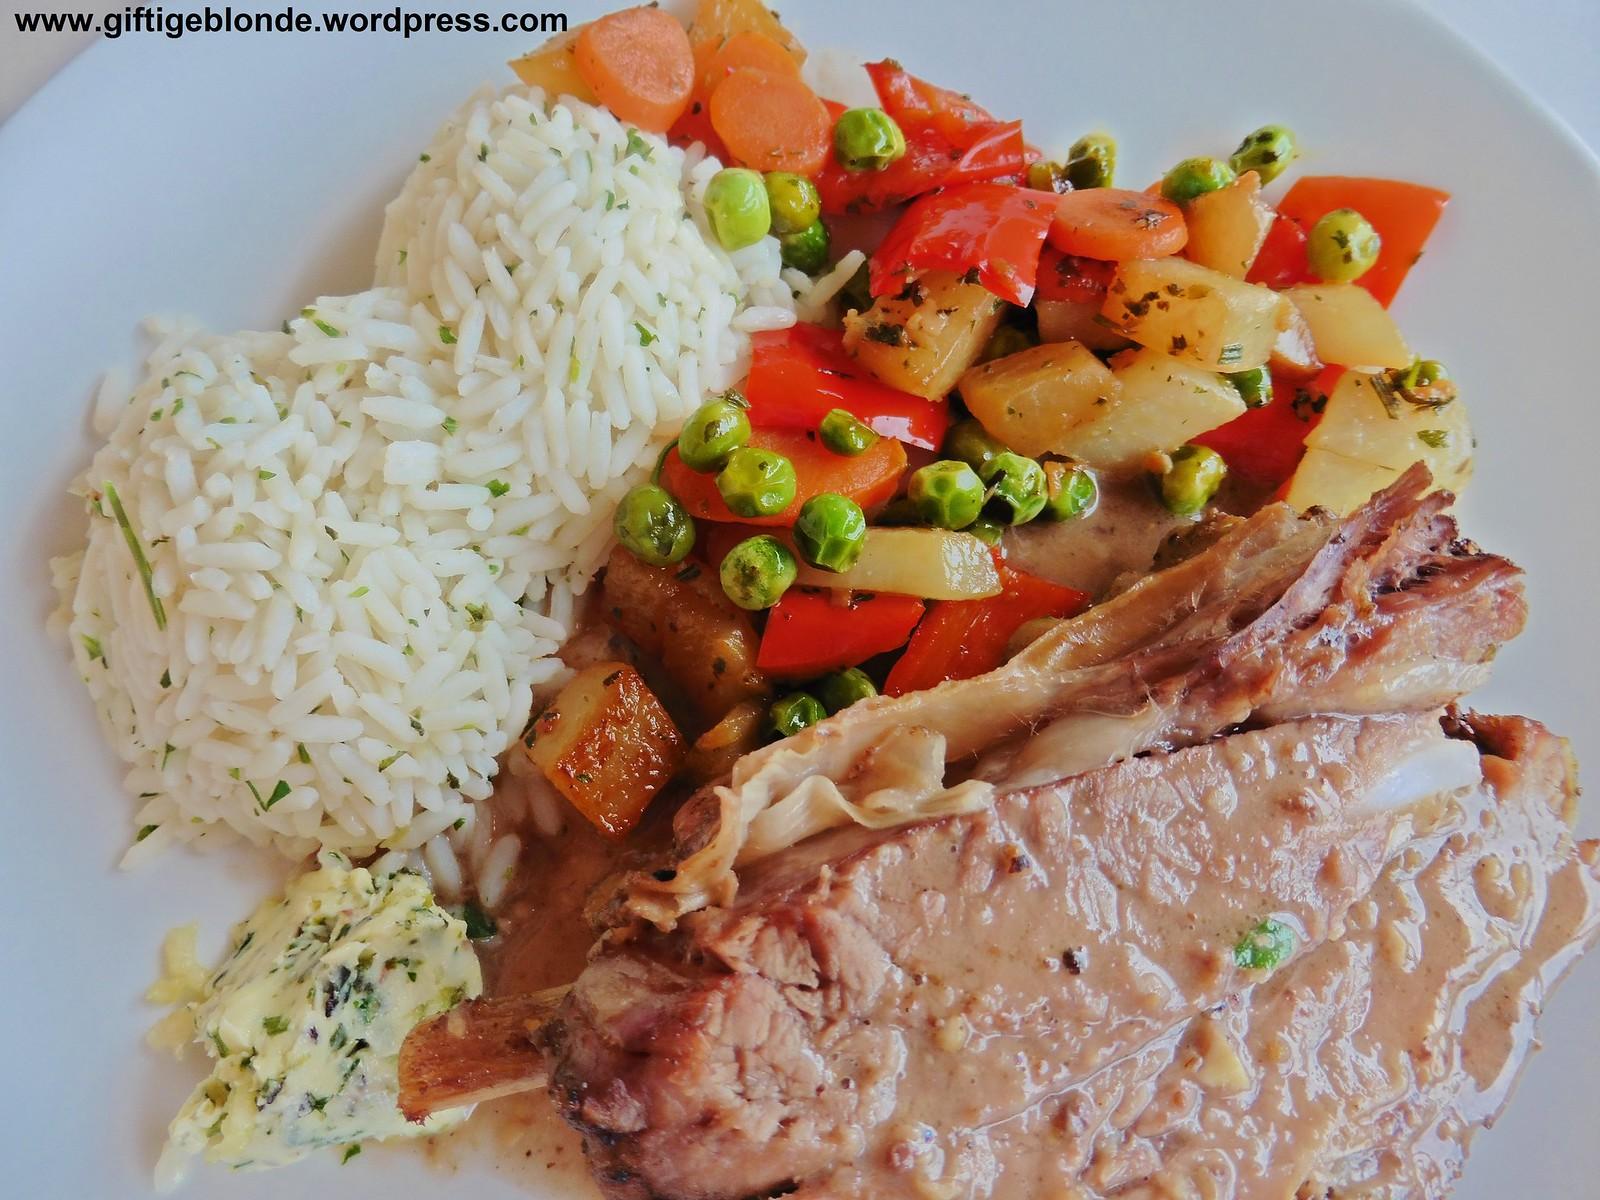 Beinfleisch vom Bio Jungrind, Gemüse, Kräuterreis, Kräuterbutter